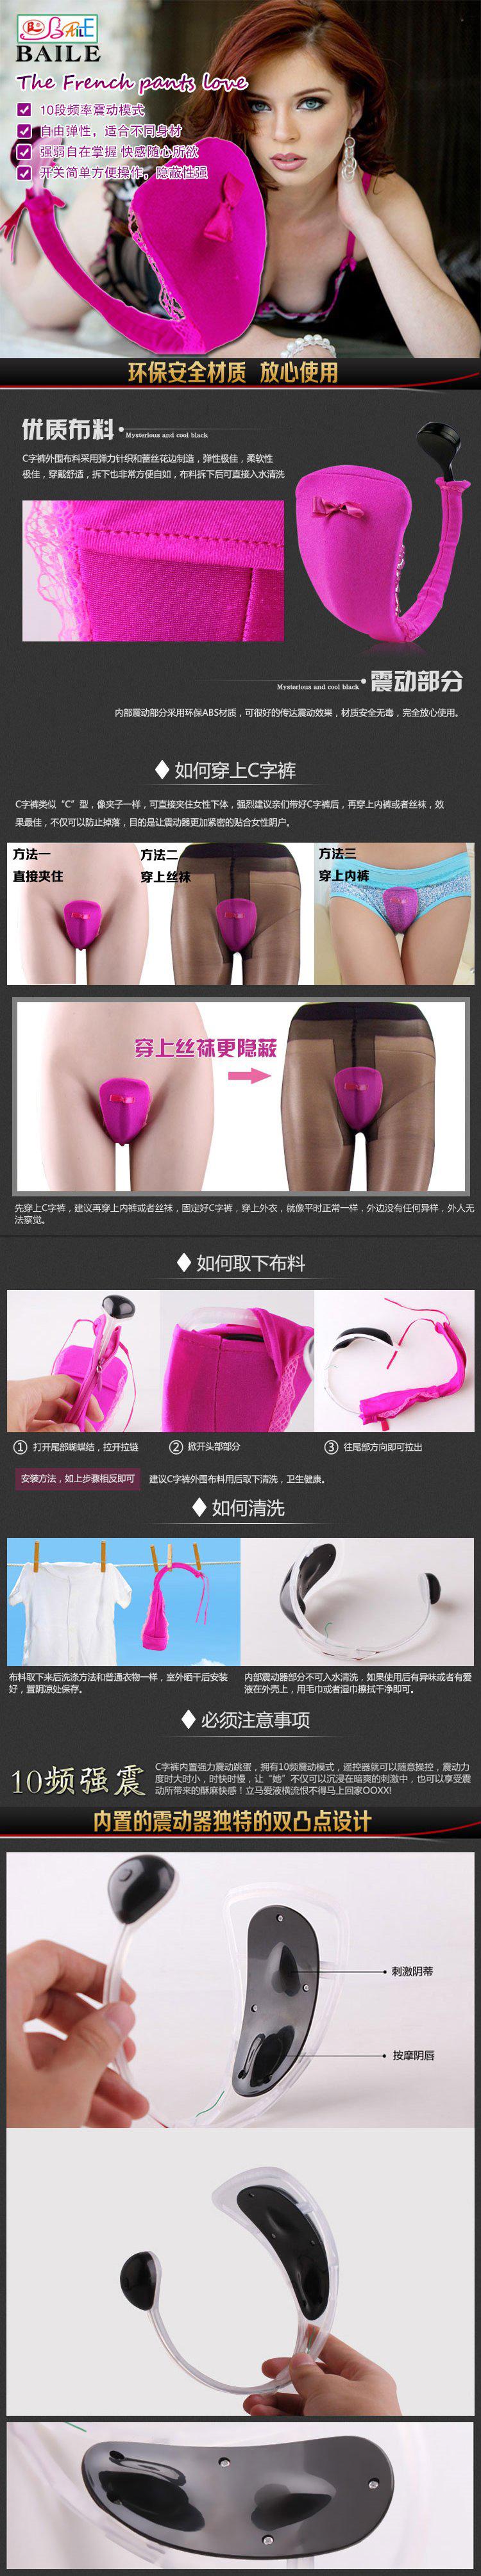 alat bantu sex wanita c-string